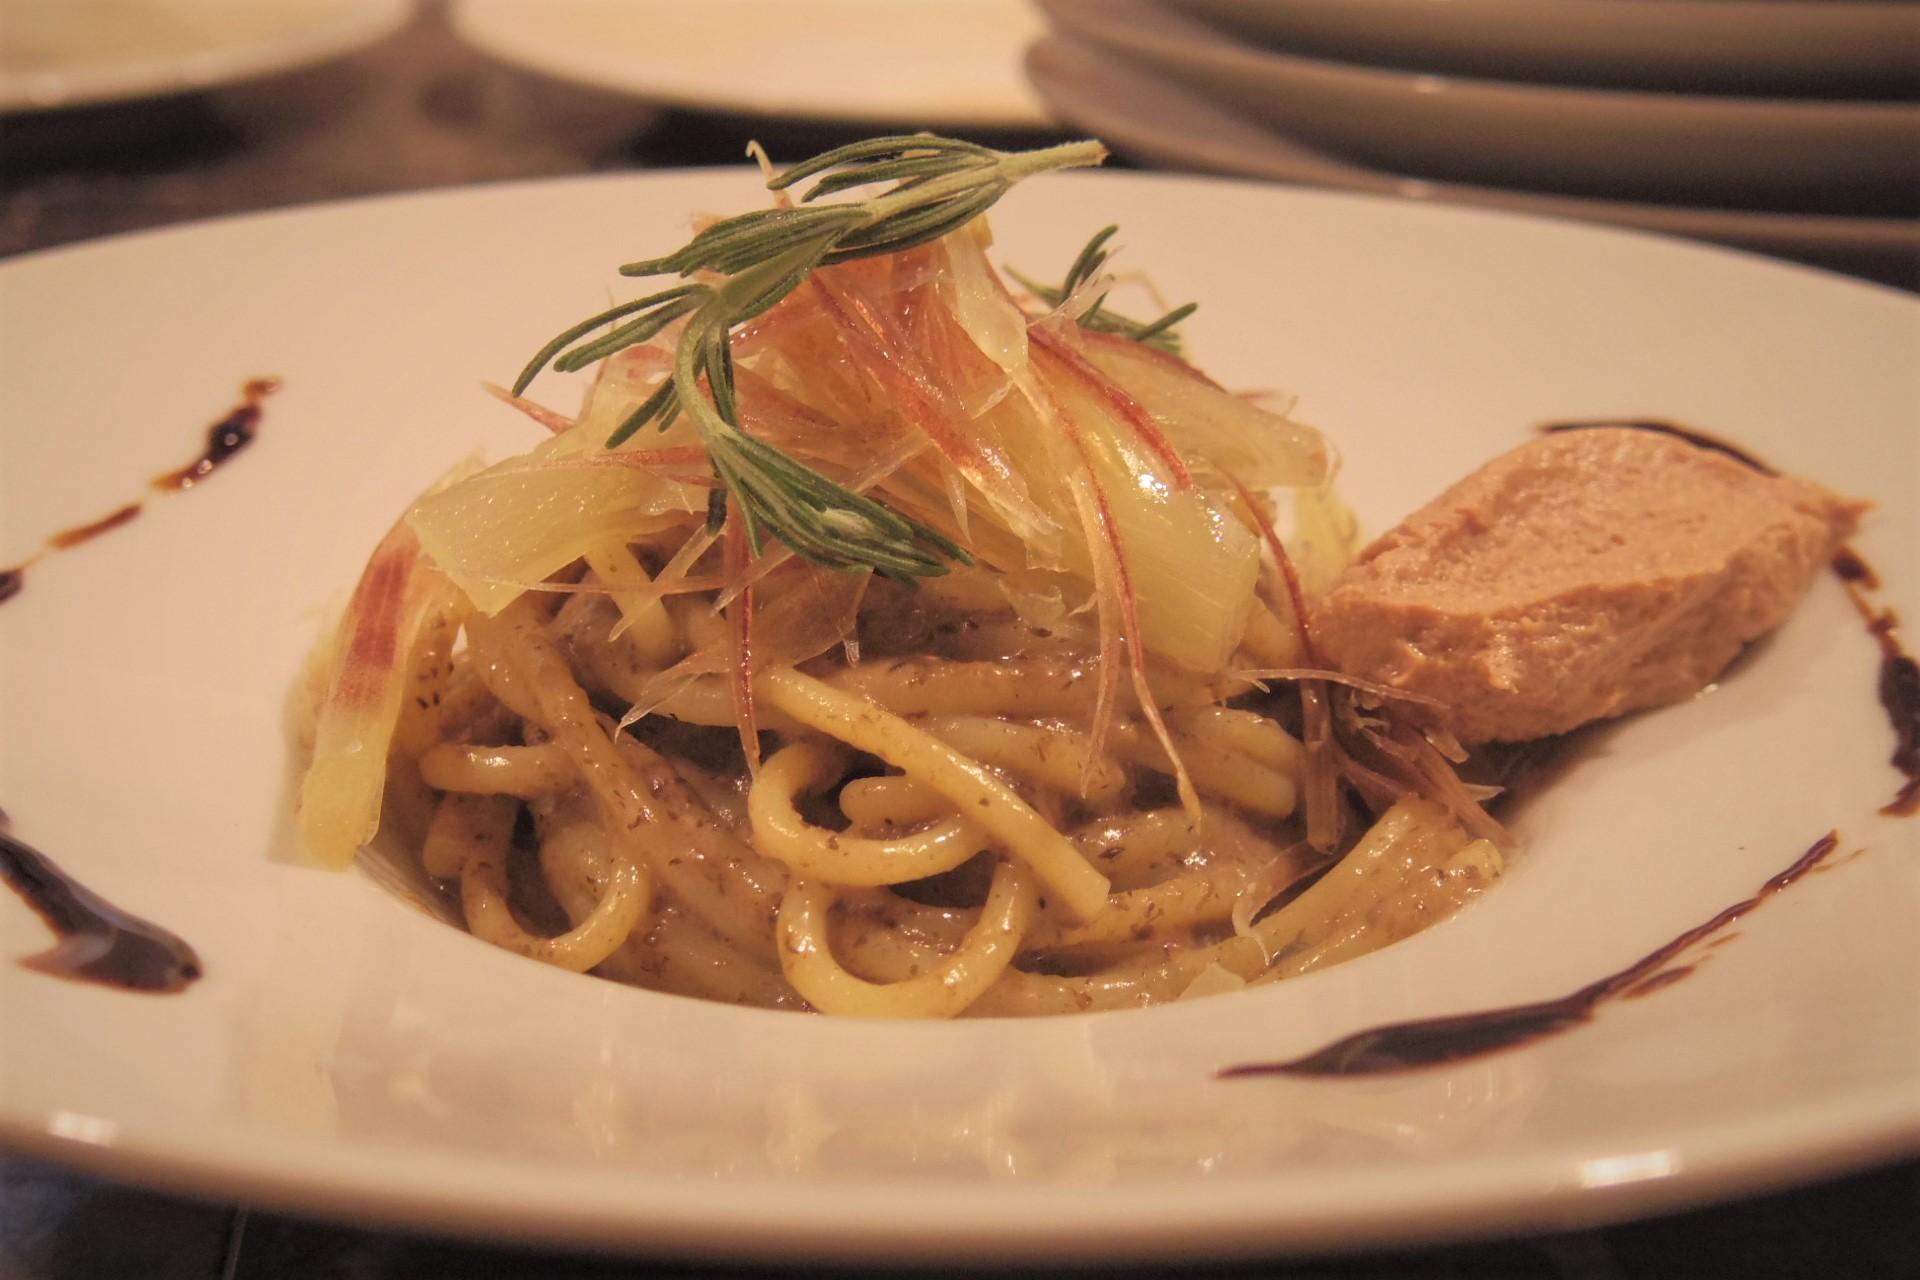 「サンペレグリノ ヤングシェフ」優秀若手シェフの創作性あふれる料理をポップアップレストランで_b0354293_15185740.jpg